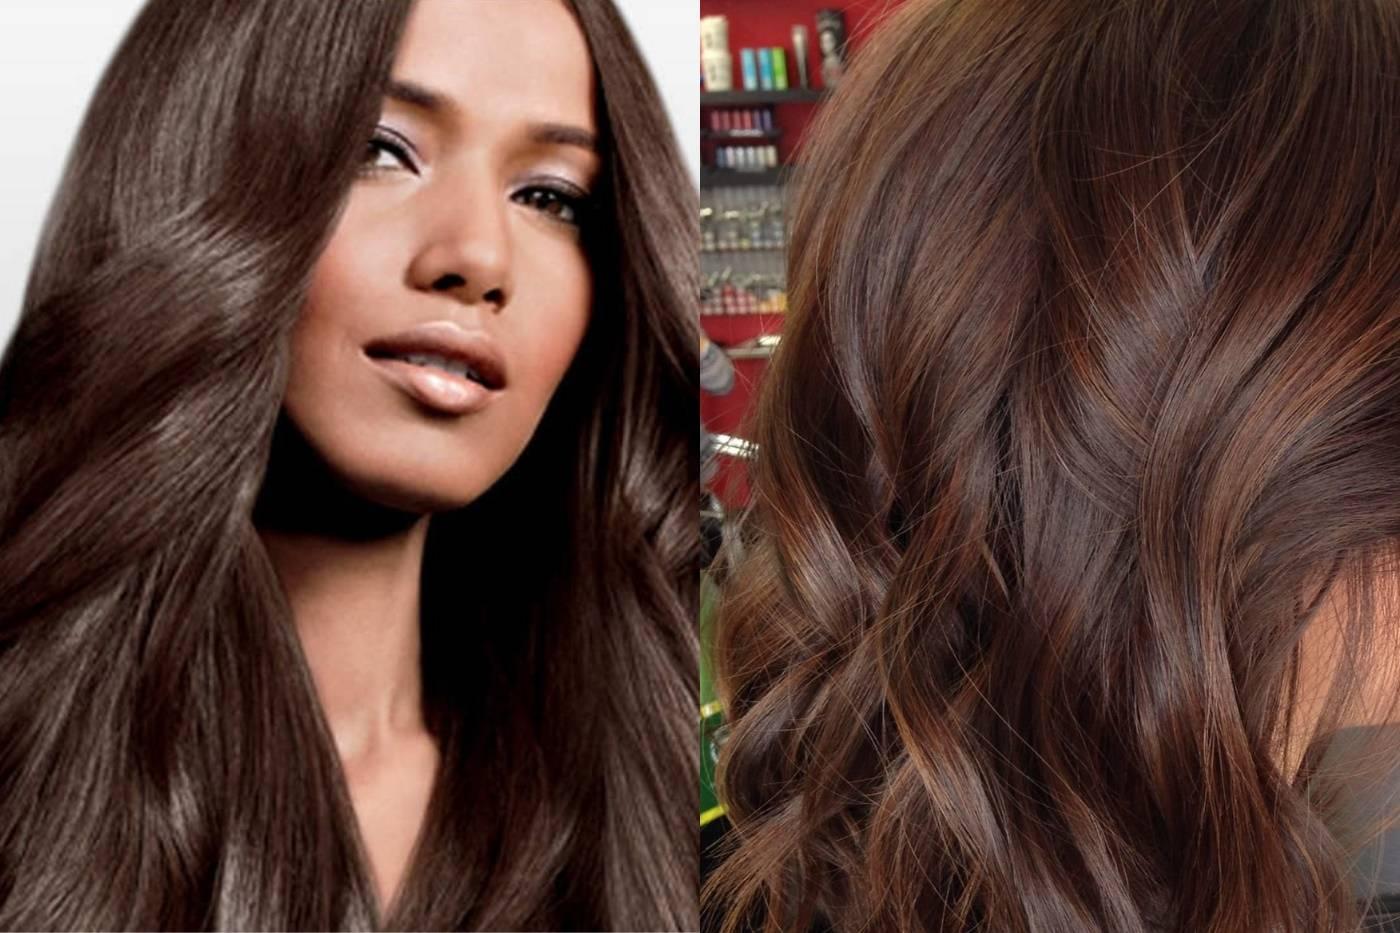 Hothair.ru - каштановый цвет волос: кому идет и как получить?